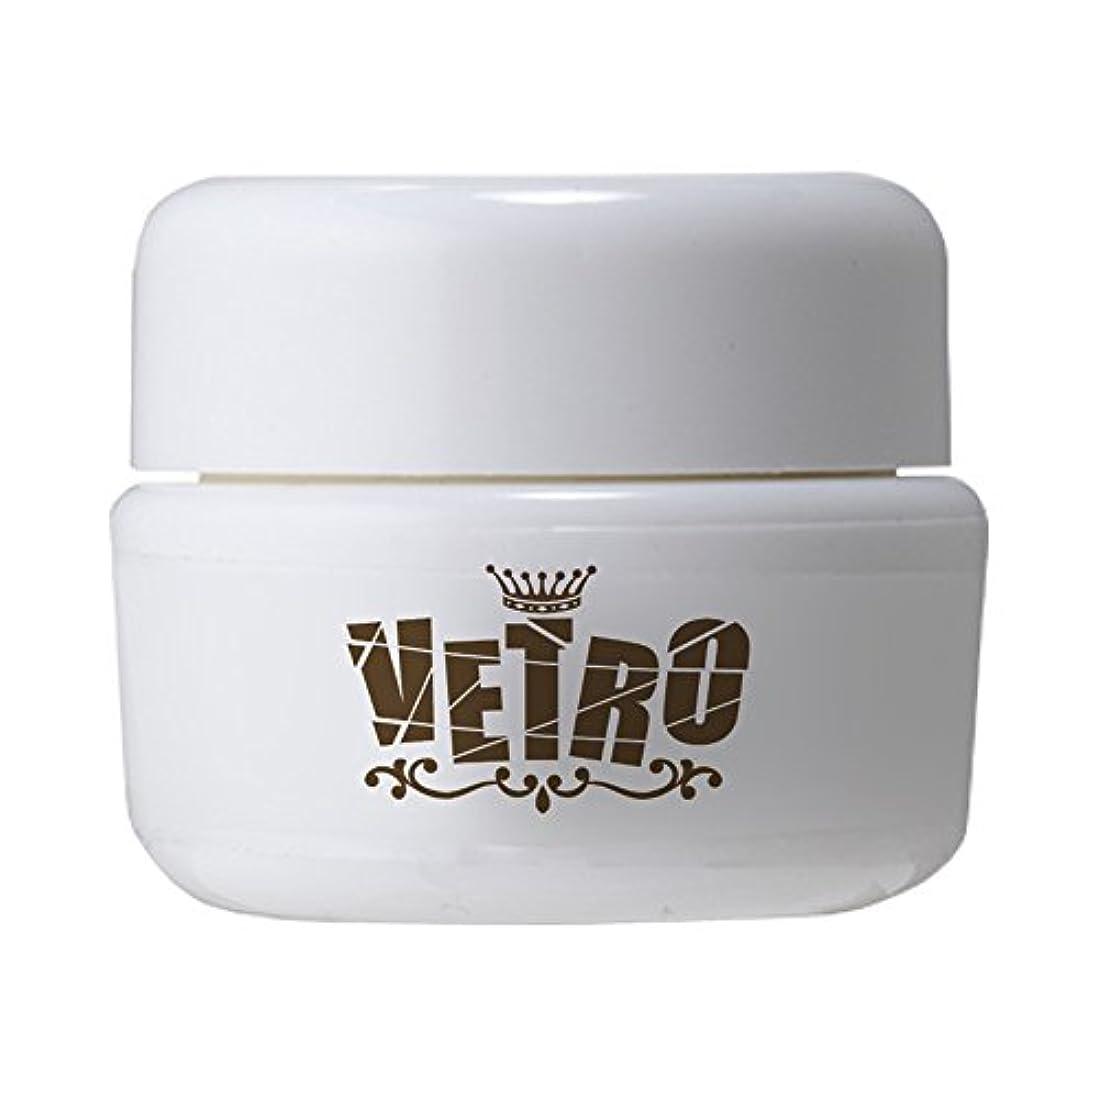 風邪をひく幼児肌VETRO No.19 カラージェル マット VL295 カモフラグリーン 4ml